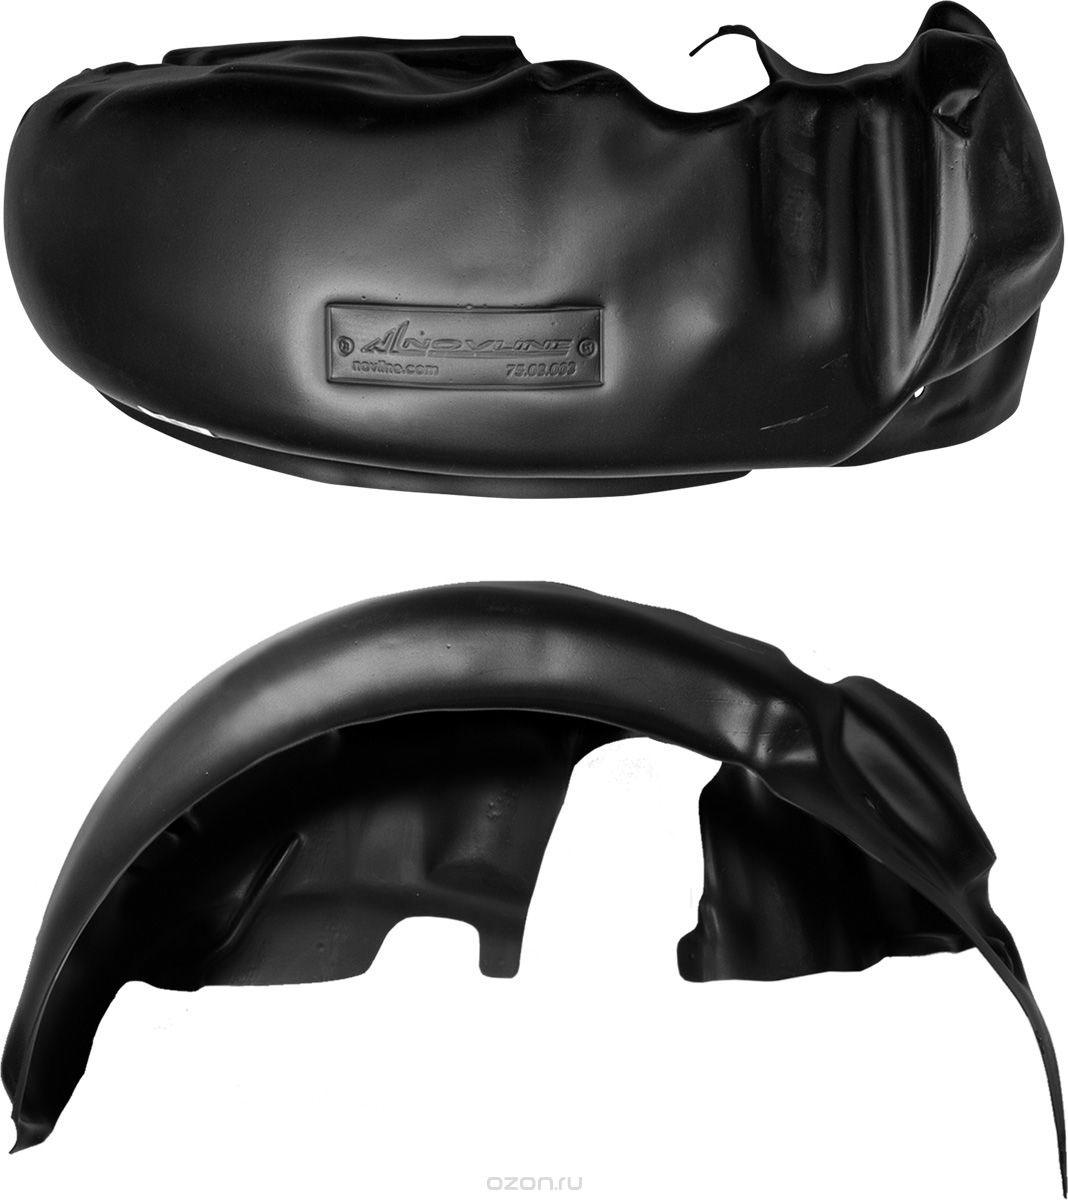 Подкрылок Novline-Autofamily, для Chevrolet NIVA, 2014->, задний левыйNLL.52.28.003Идеальная защита колесной ниши. Локеры разработаны с применением цифровых технологий, гарантируют максимальную повторяемость поверхности арки. Изделия устанавливаются без нарушения лакокрасочного покрытия автомобиля, каждый подкрылок комплектуется крепежом. Уважаемые клиенты, обращаем ваше внимание, что фотографии на подкрылки универсальные и не отражают реальную форму изделия. При этом само изделие идет точно под размер указанного автомобиля.